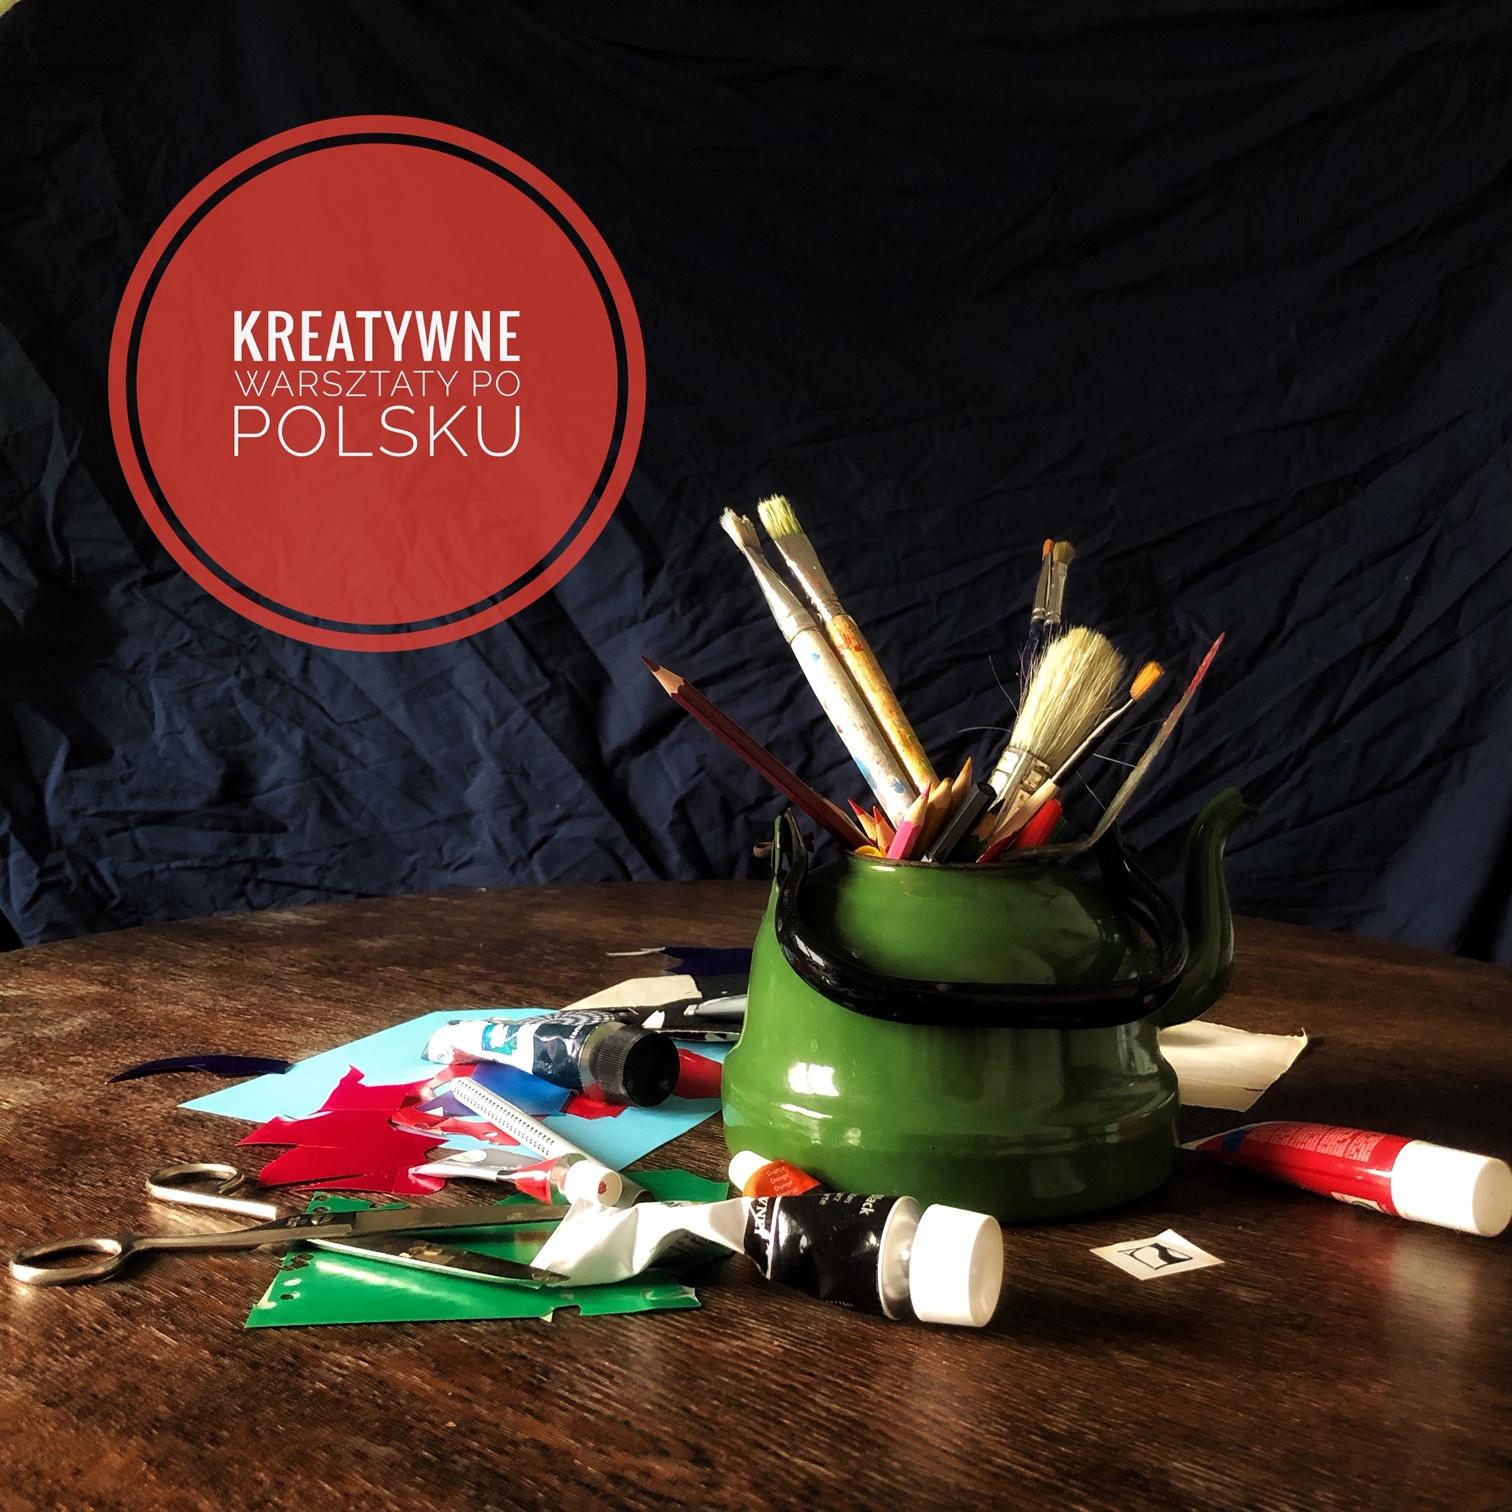 Zapraszamy na warsztaty artystyczne: 19-tego stycznia